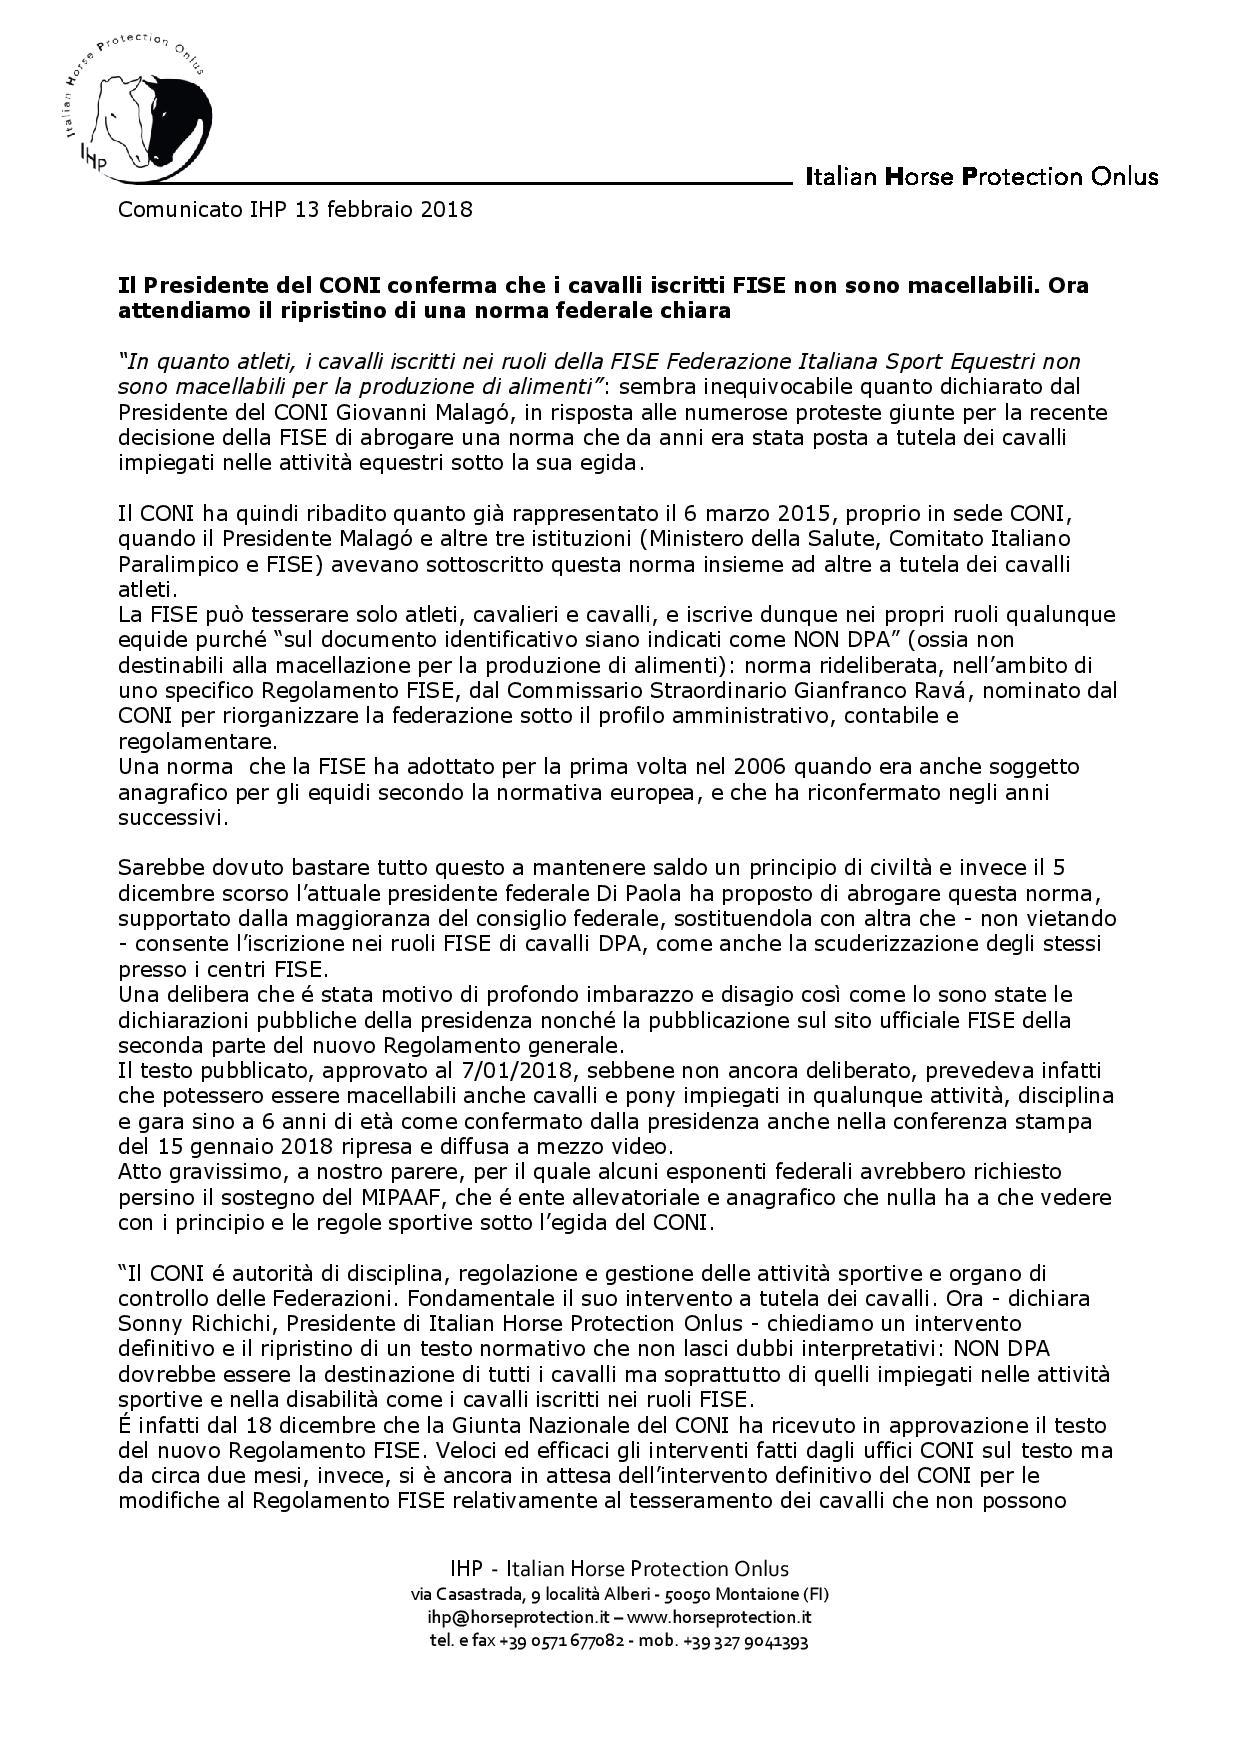 Comunicato IHP - FISE e cavalli macellabili 20180213 (1)-page-001